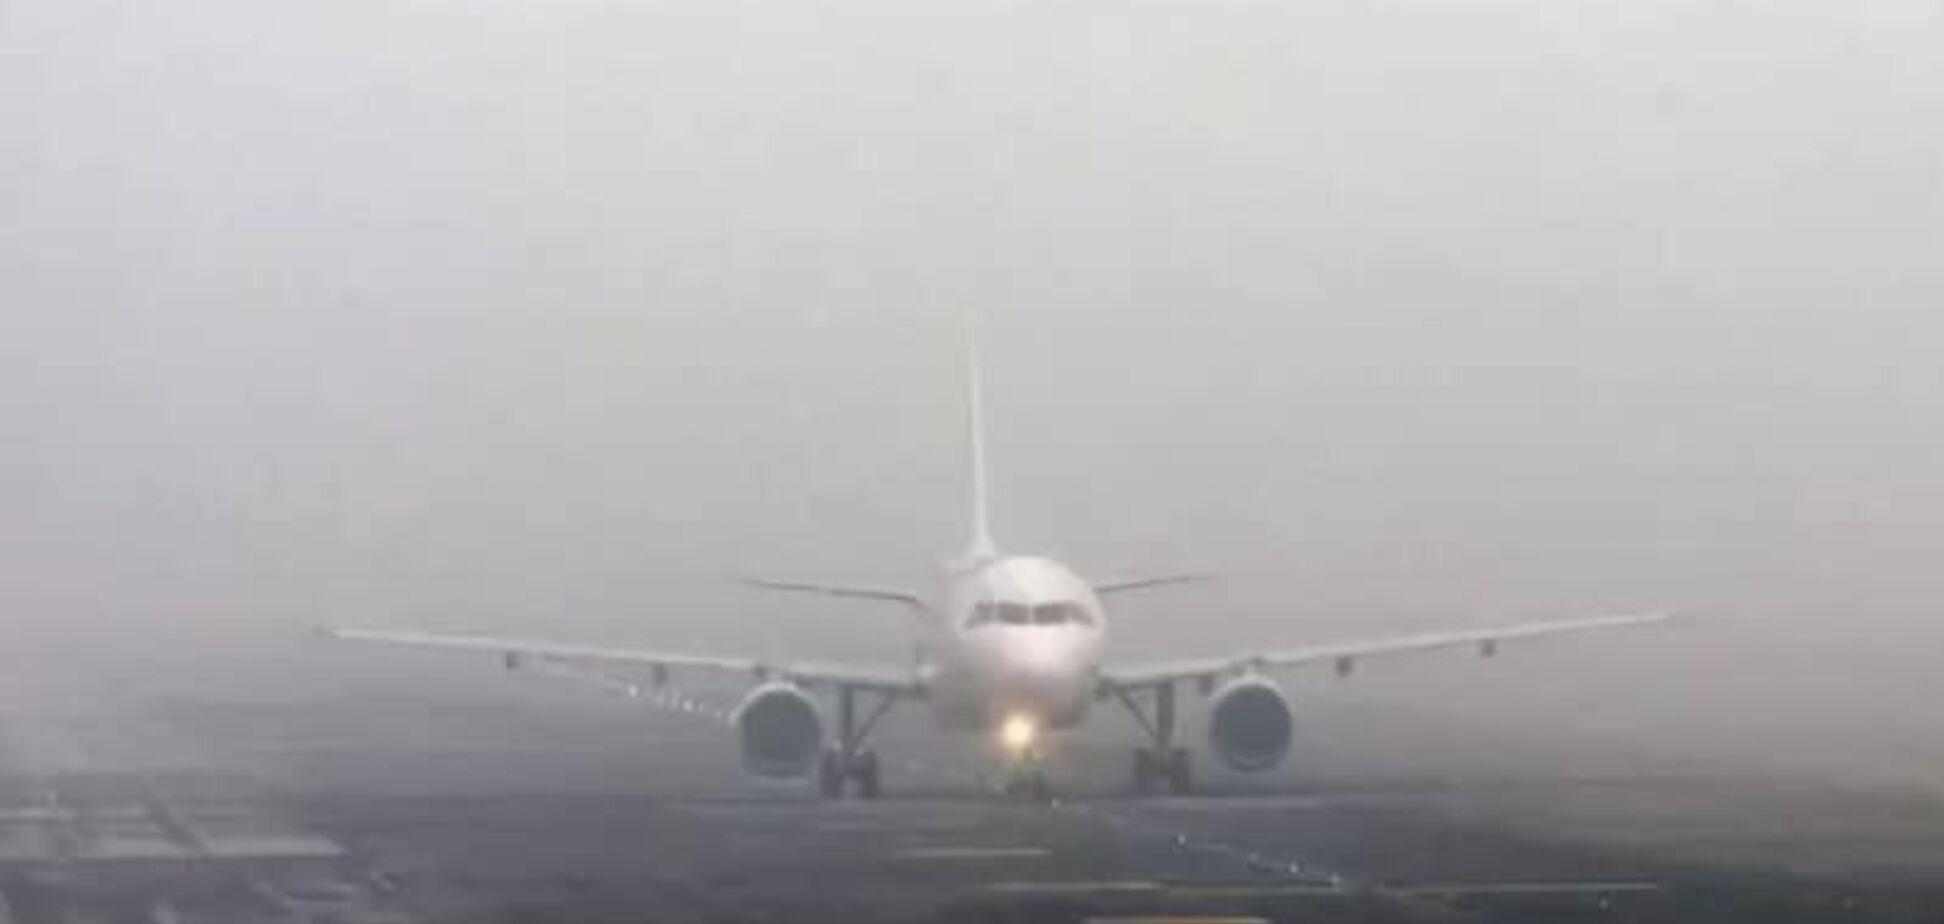 'Спасибі, що живі!' Харків'янка розповіла про безстрашний вчинок пілота Boeing 737